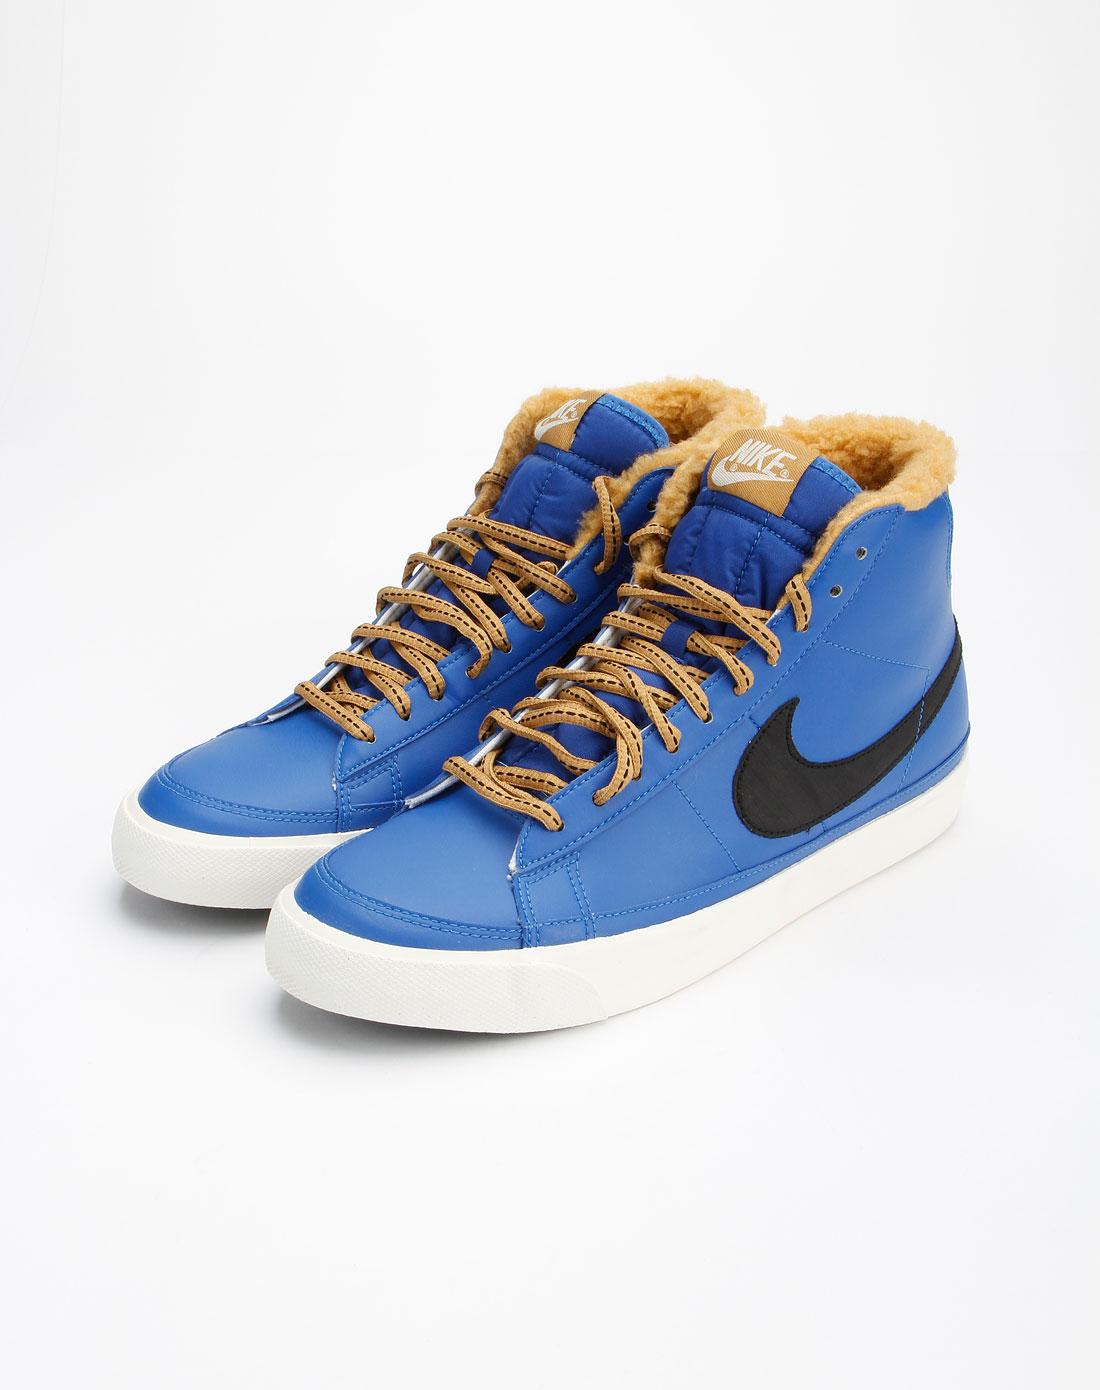 耐克nike蓝色时尚休闲绑带运动鞋371761-400